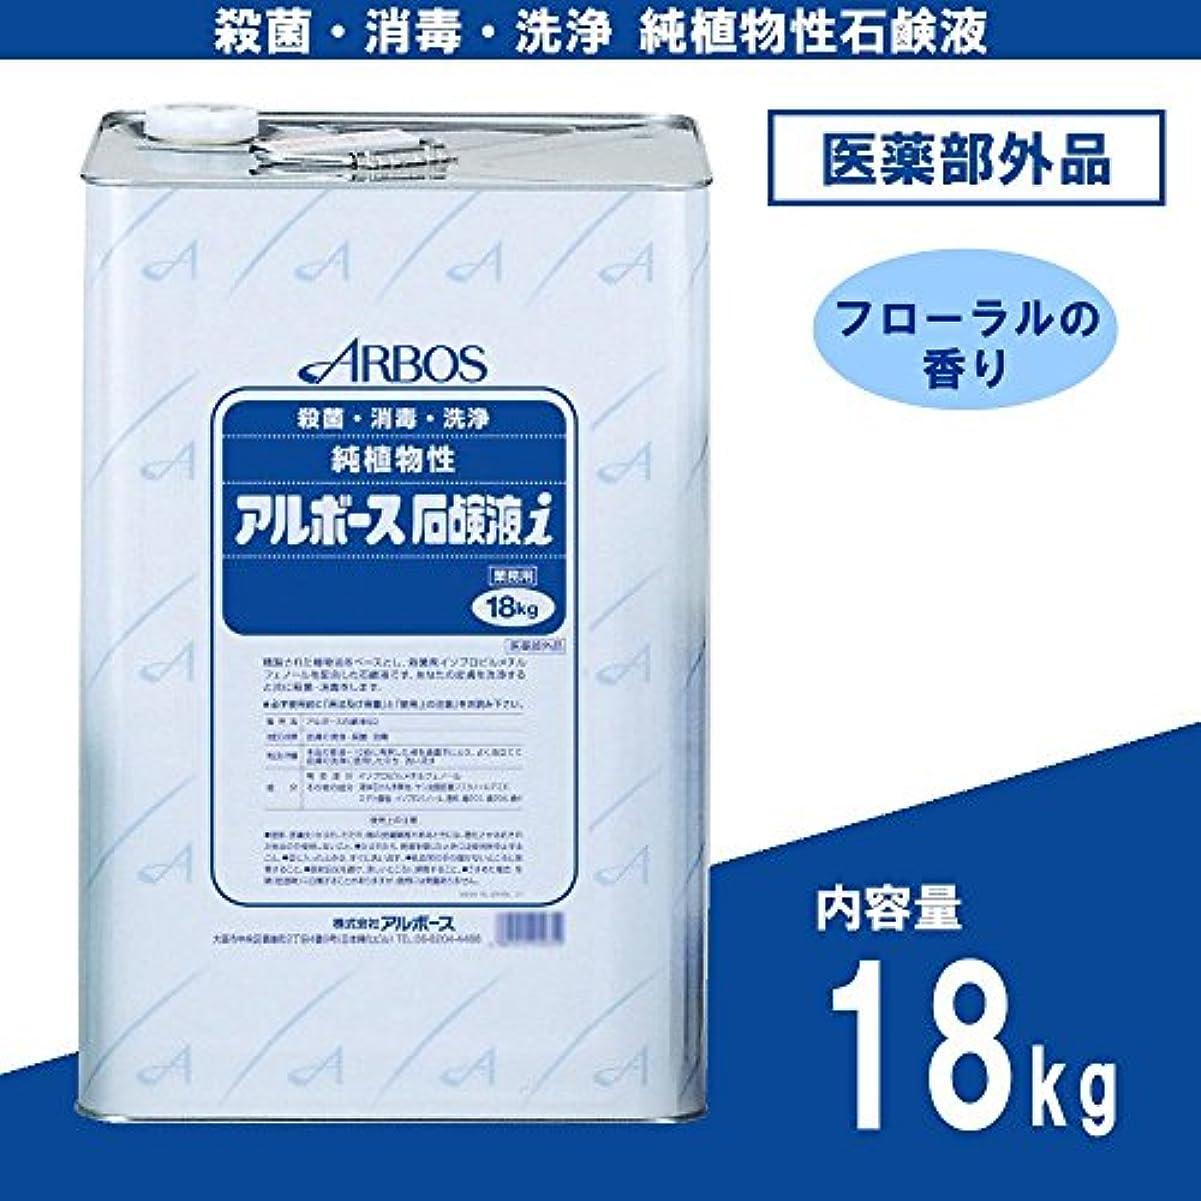 経済的ジョグ小説家アルボース 業務用純植物性石鹸液 石鹸液i フローラルの香り 18kg 01031 (医薬部外品)